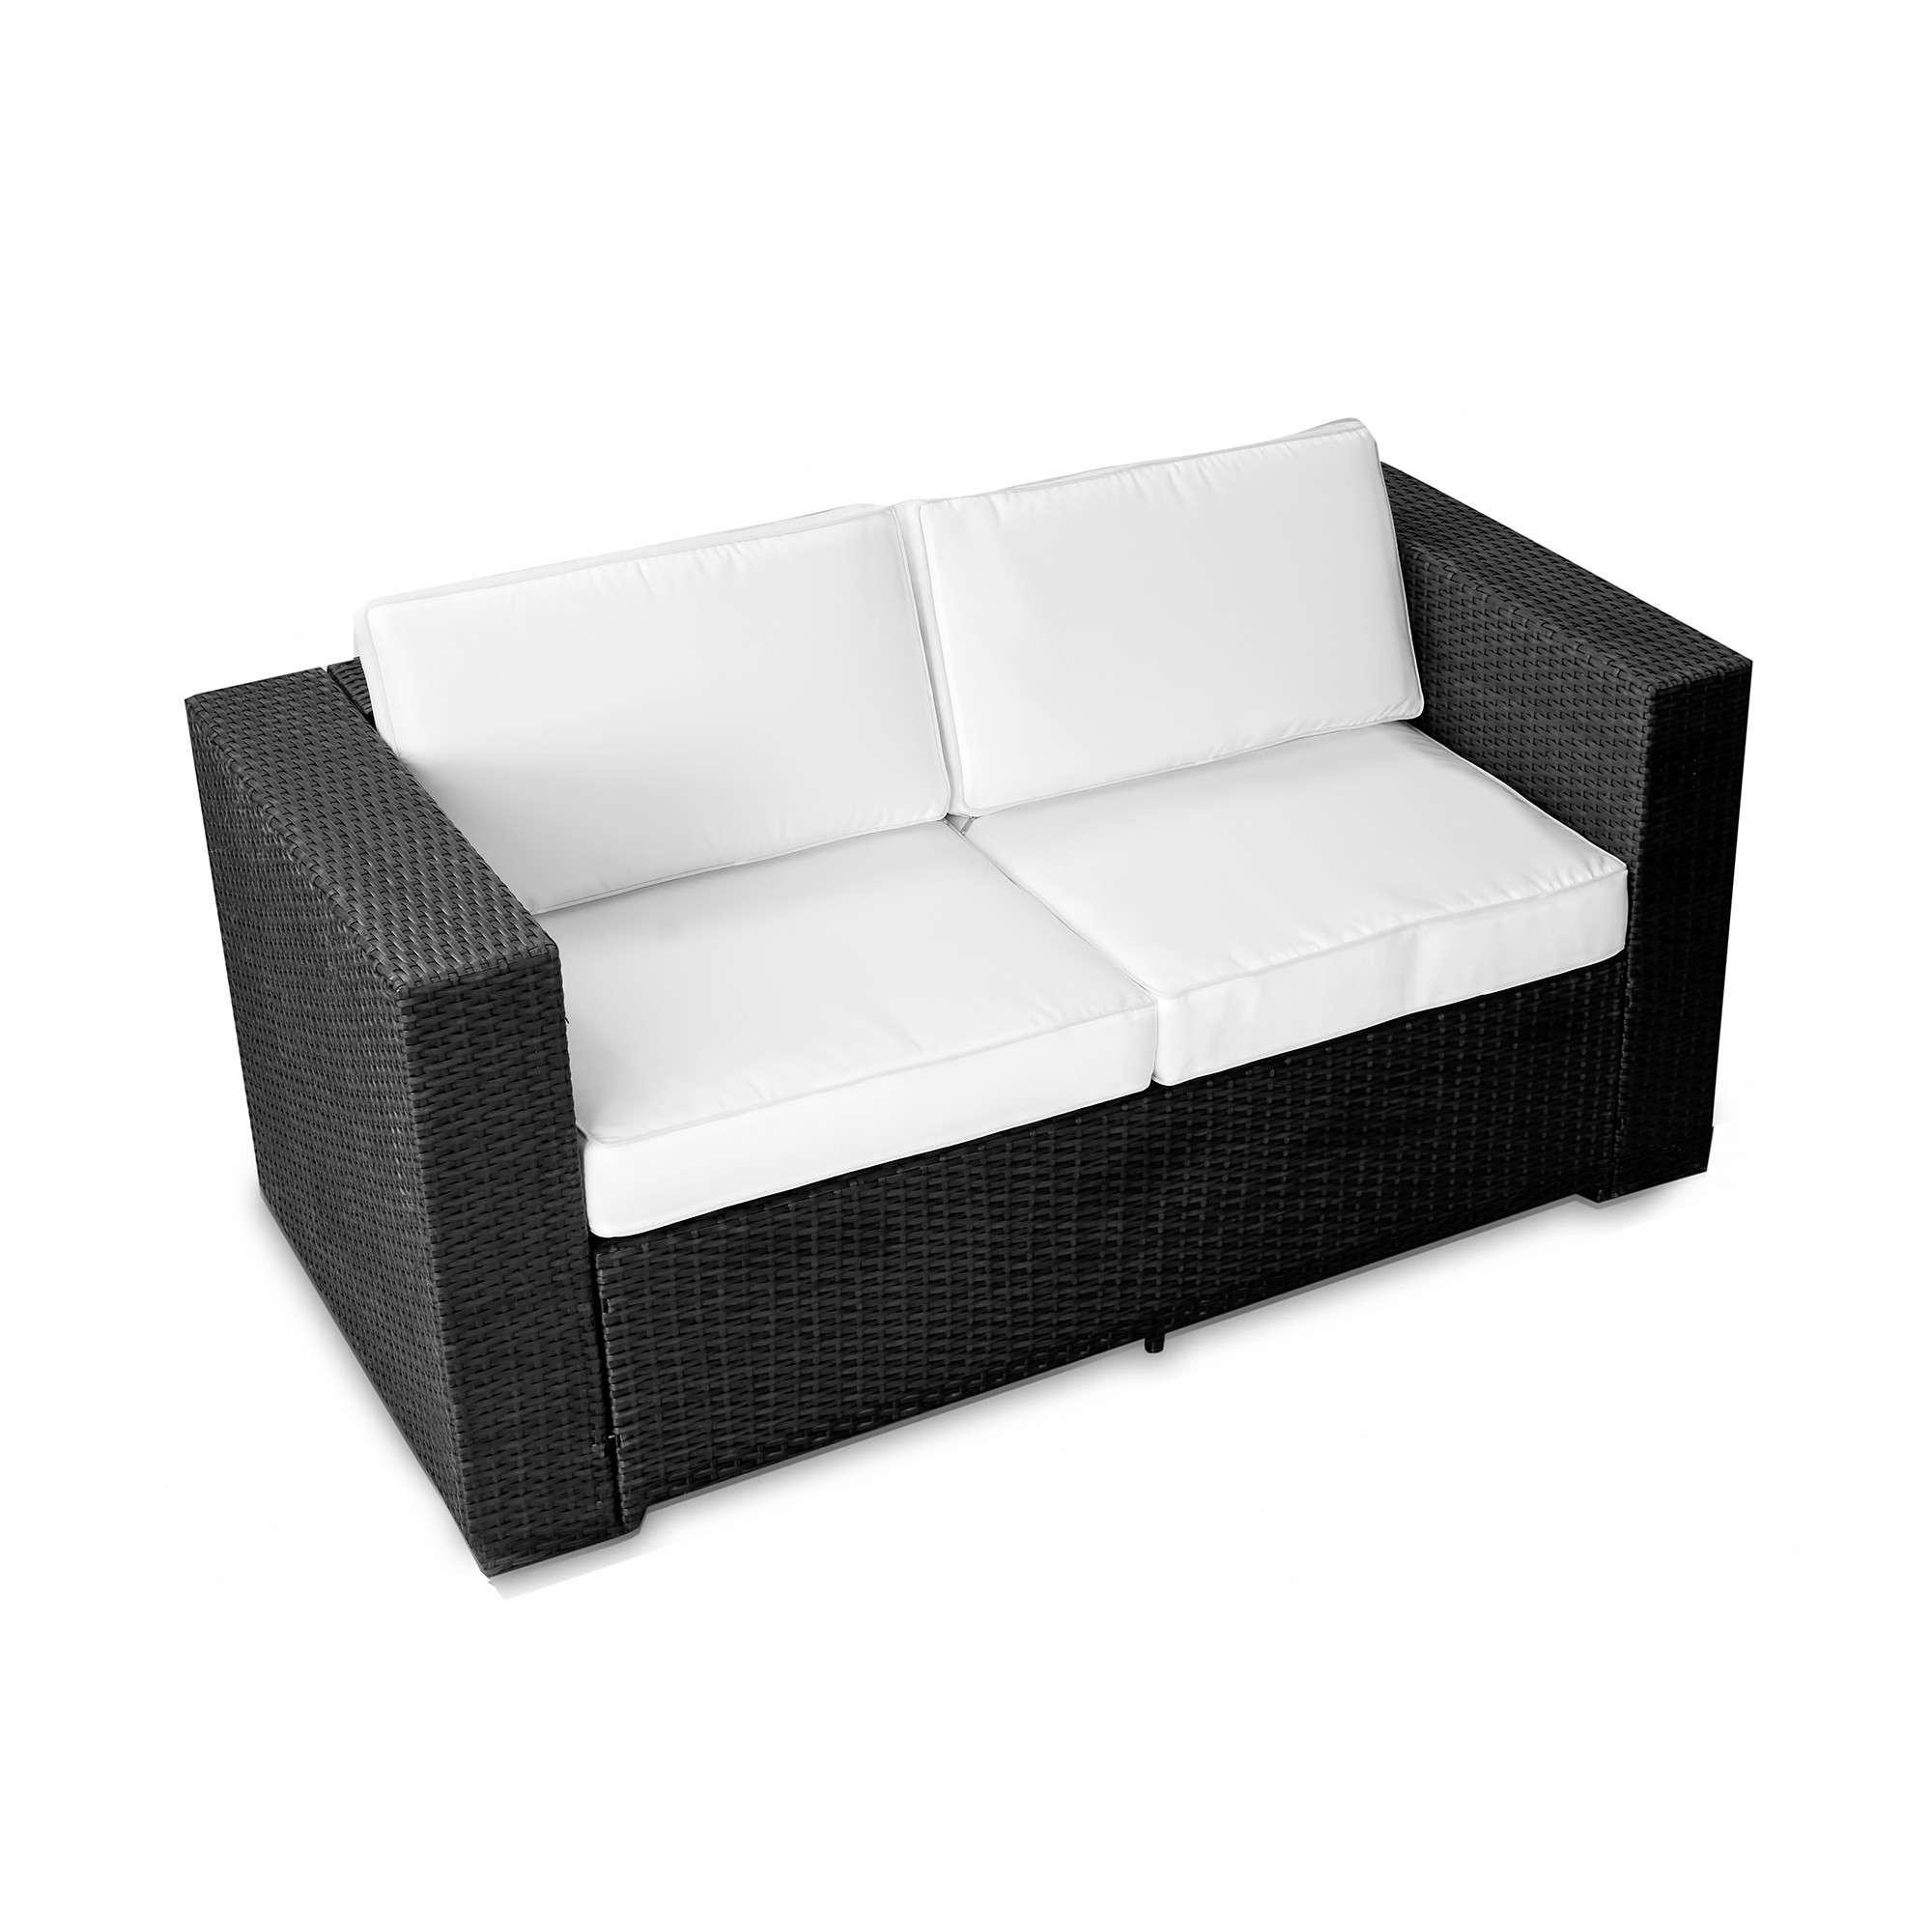 Full Size of Garten Couch 2 Sitzer Gartensofa Rattan Ausziehbar Polyrattan Aluminium Sofa Vidaxl 2 Sitzer Massivholz Akazie Gnstig Kaufen Mit Relaxfunktion 3 Bett 140x200 Wohnzimmer Gartensofa 2 Sitzer